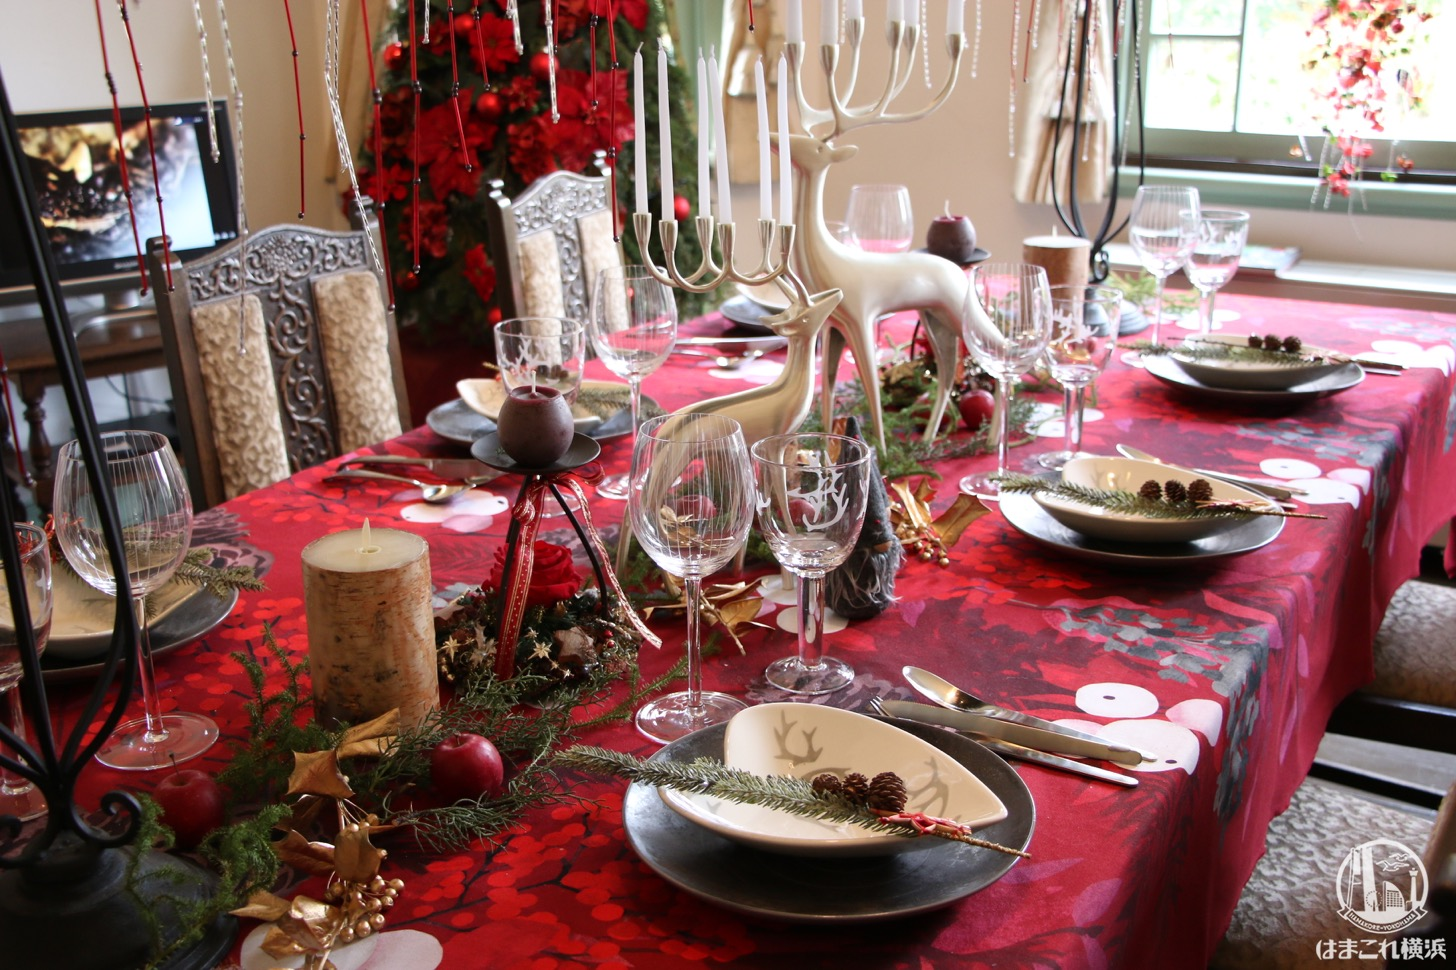 横浜山手西洋館のクリスマス仕様が可愛い!入館無料で世界のクリスマスへ